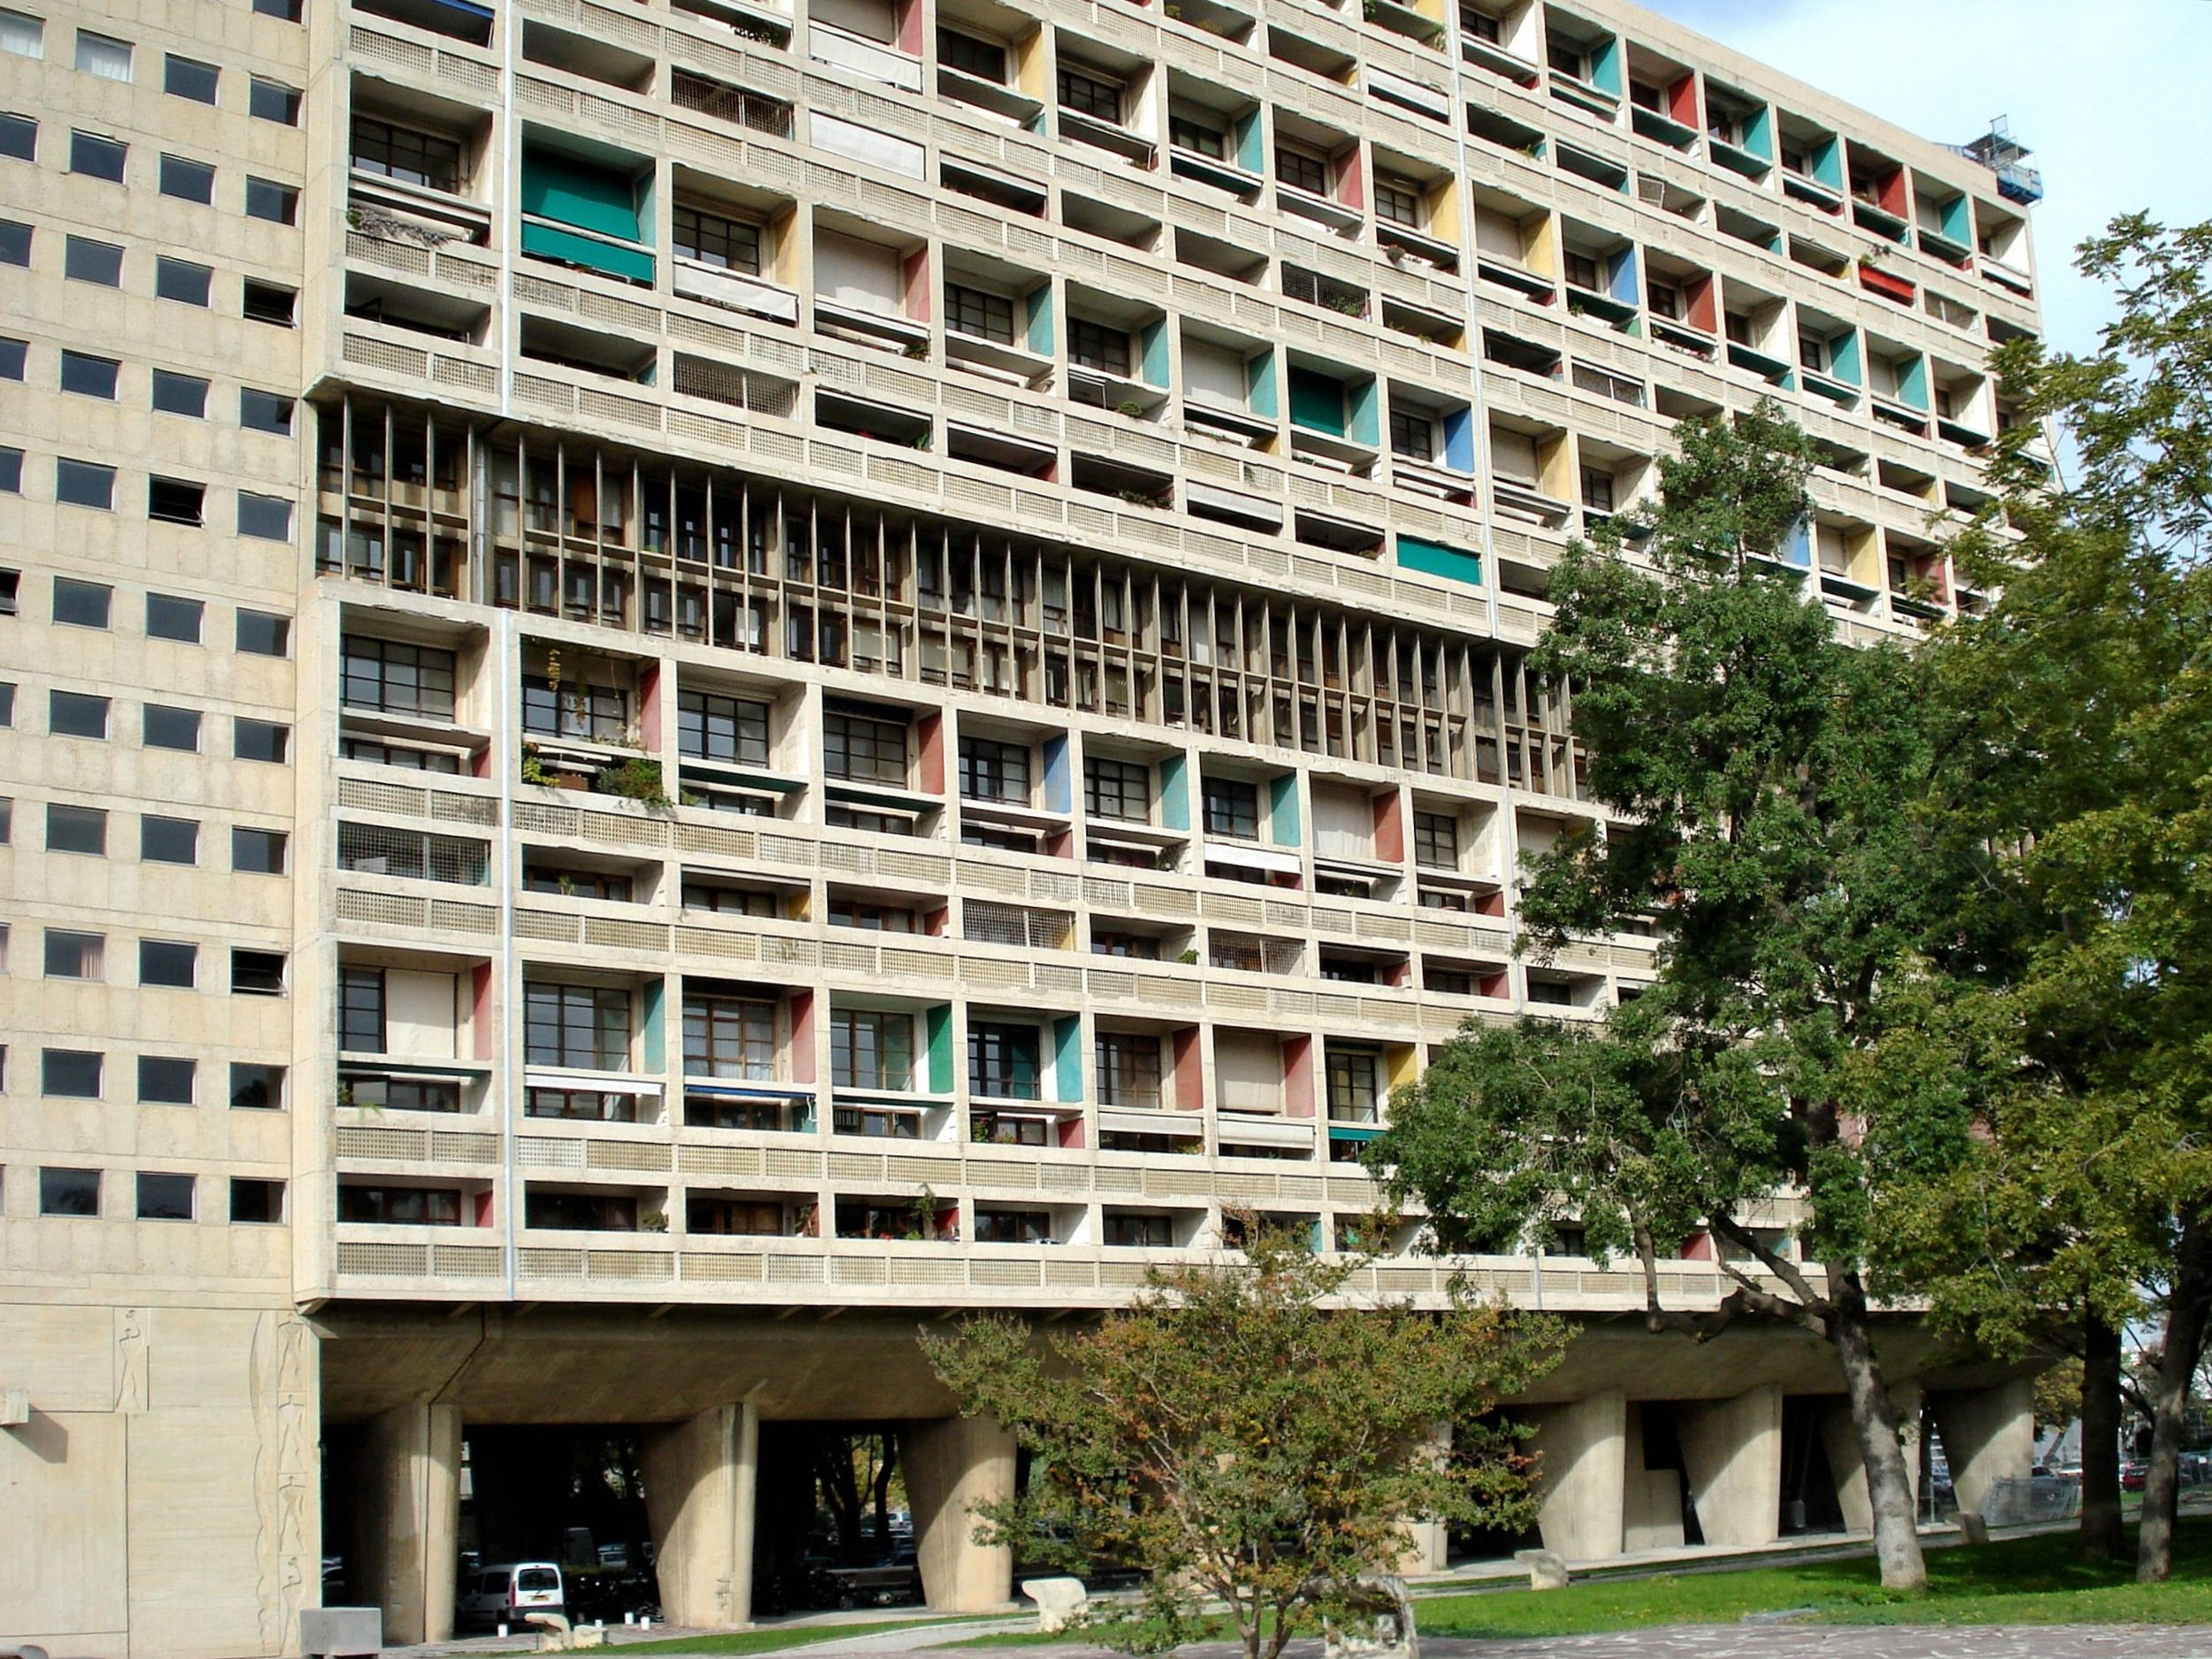 Le Corbusier Unite D Habitation unité d'habitation (cite radieuse), marseille, 1947-52, by